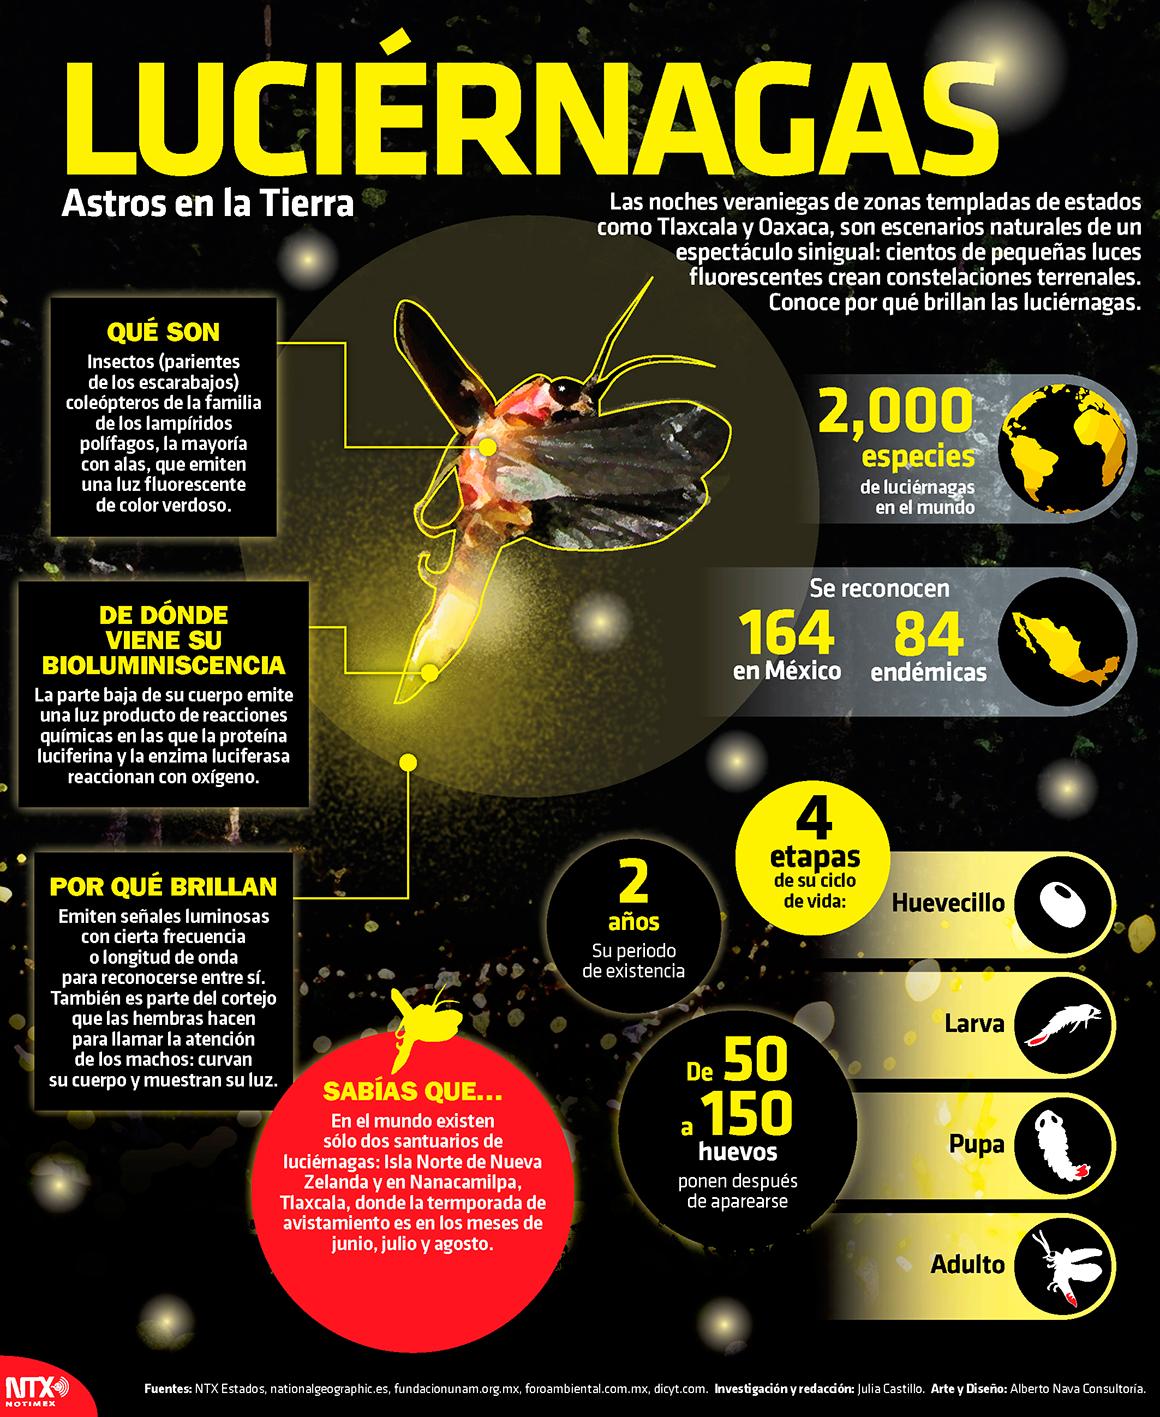 Luciérnagas, Astros en la Tierra